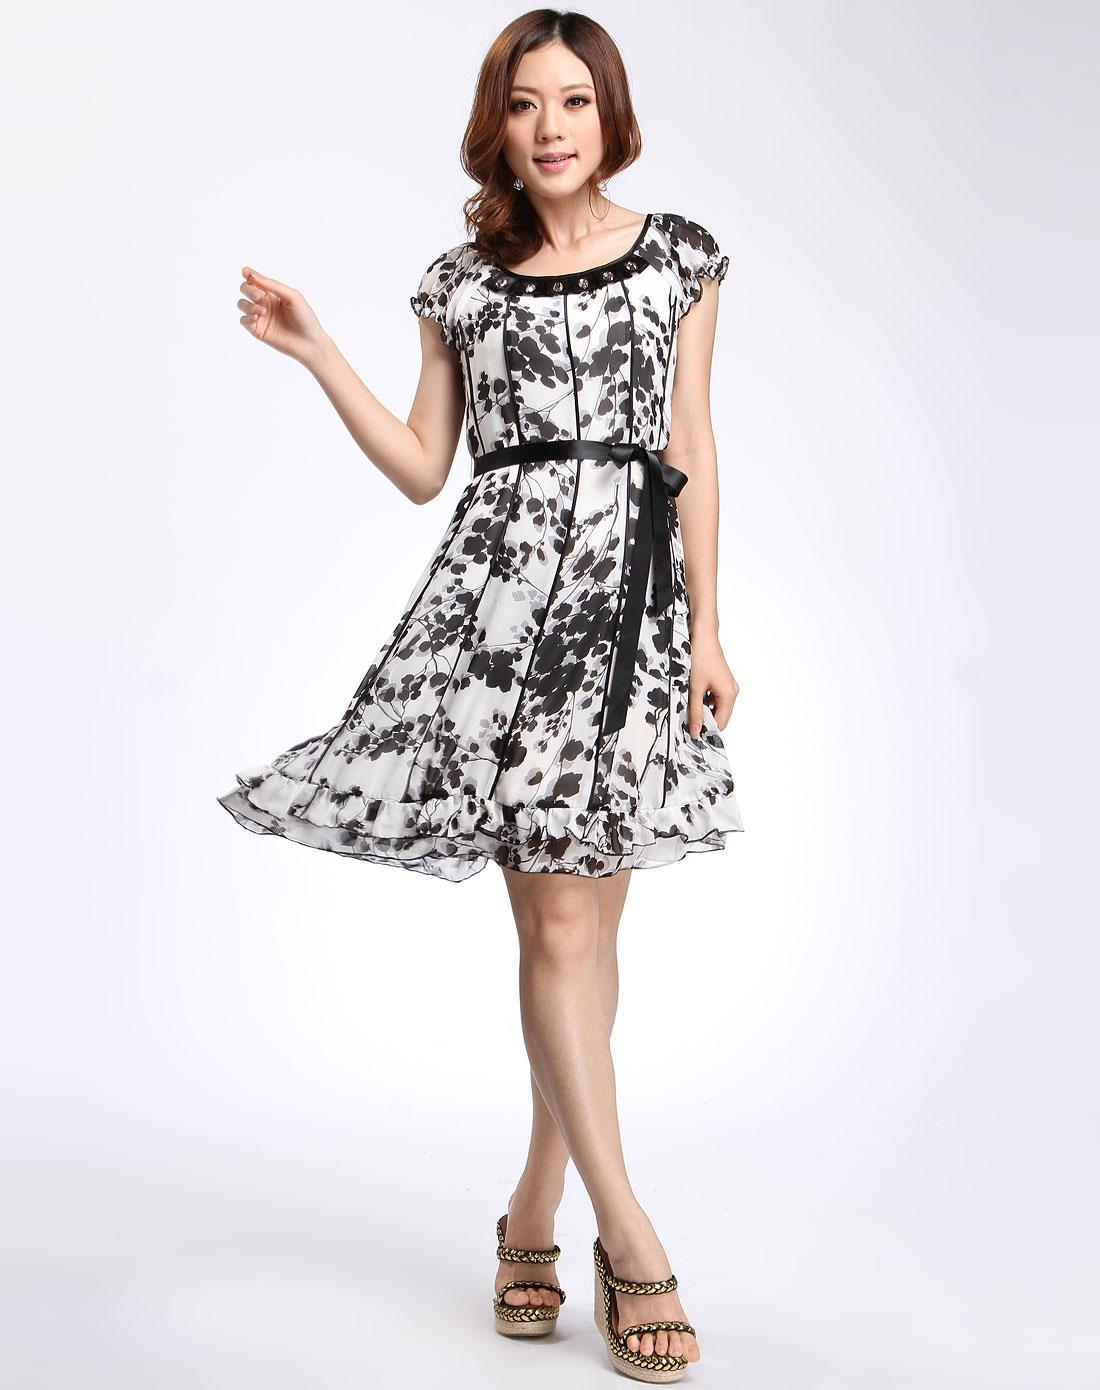 白底黑色时尚花纹短袖连衣裙